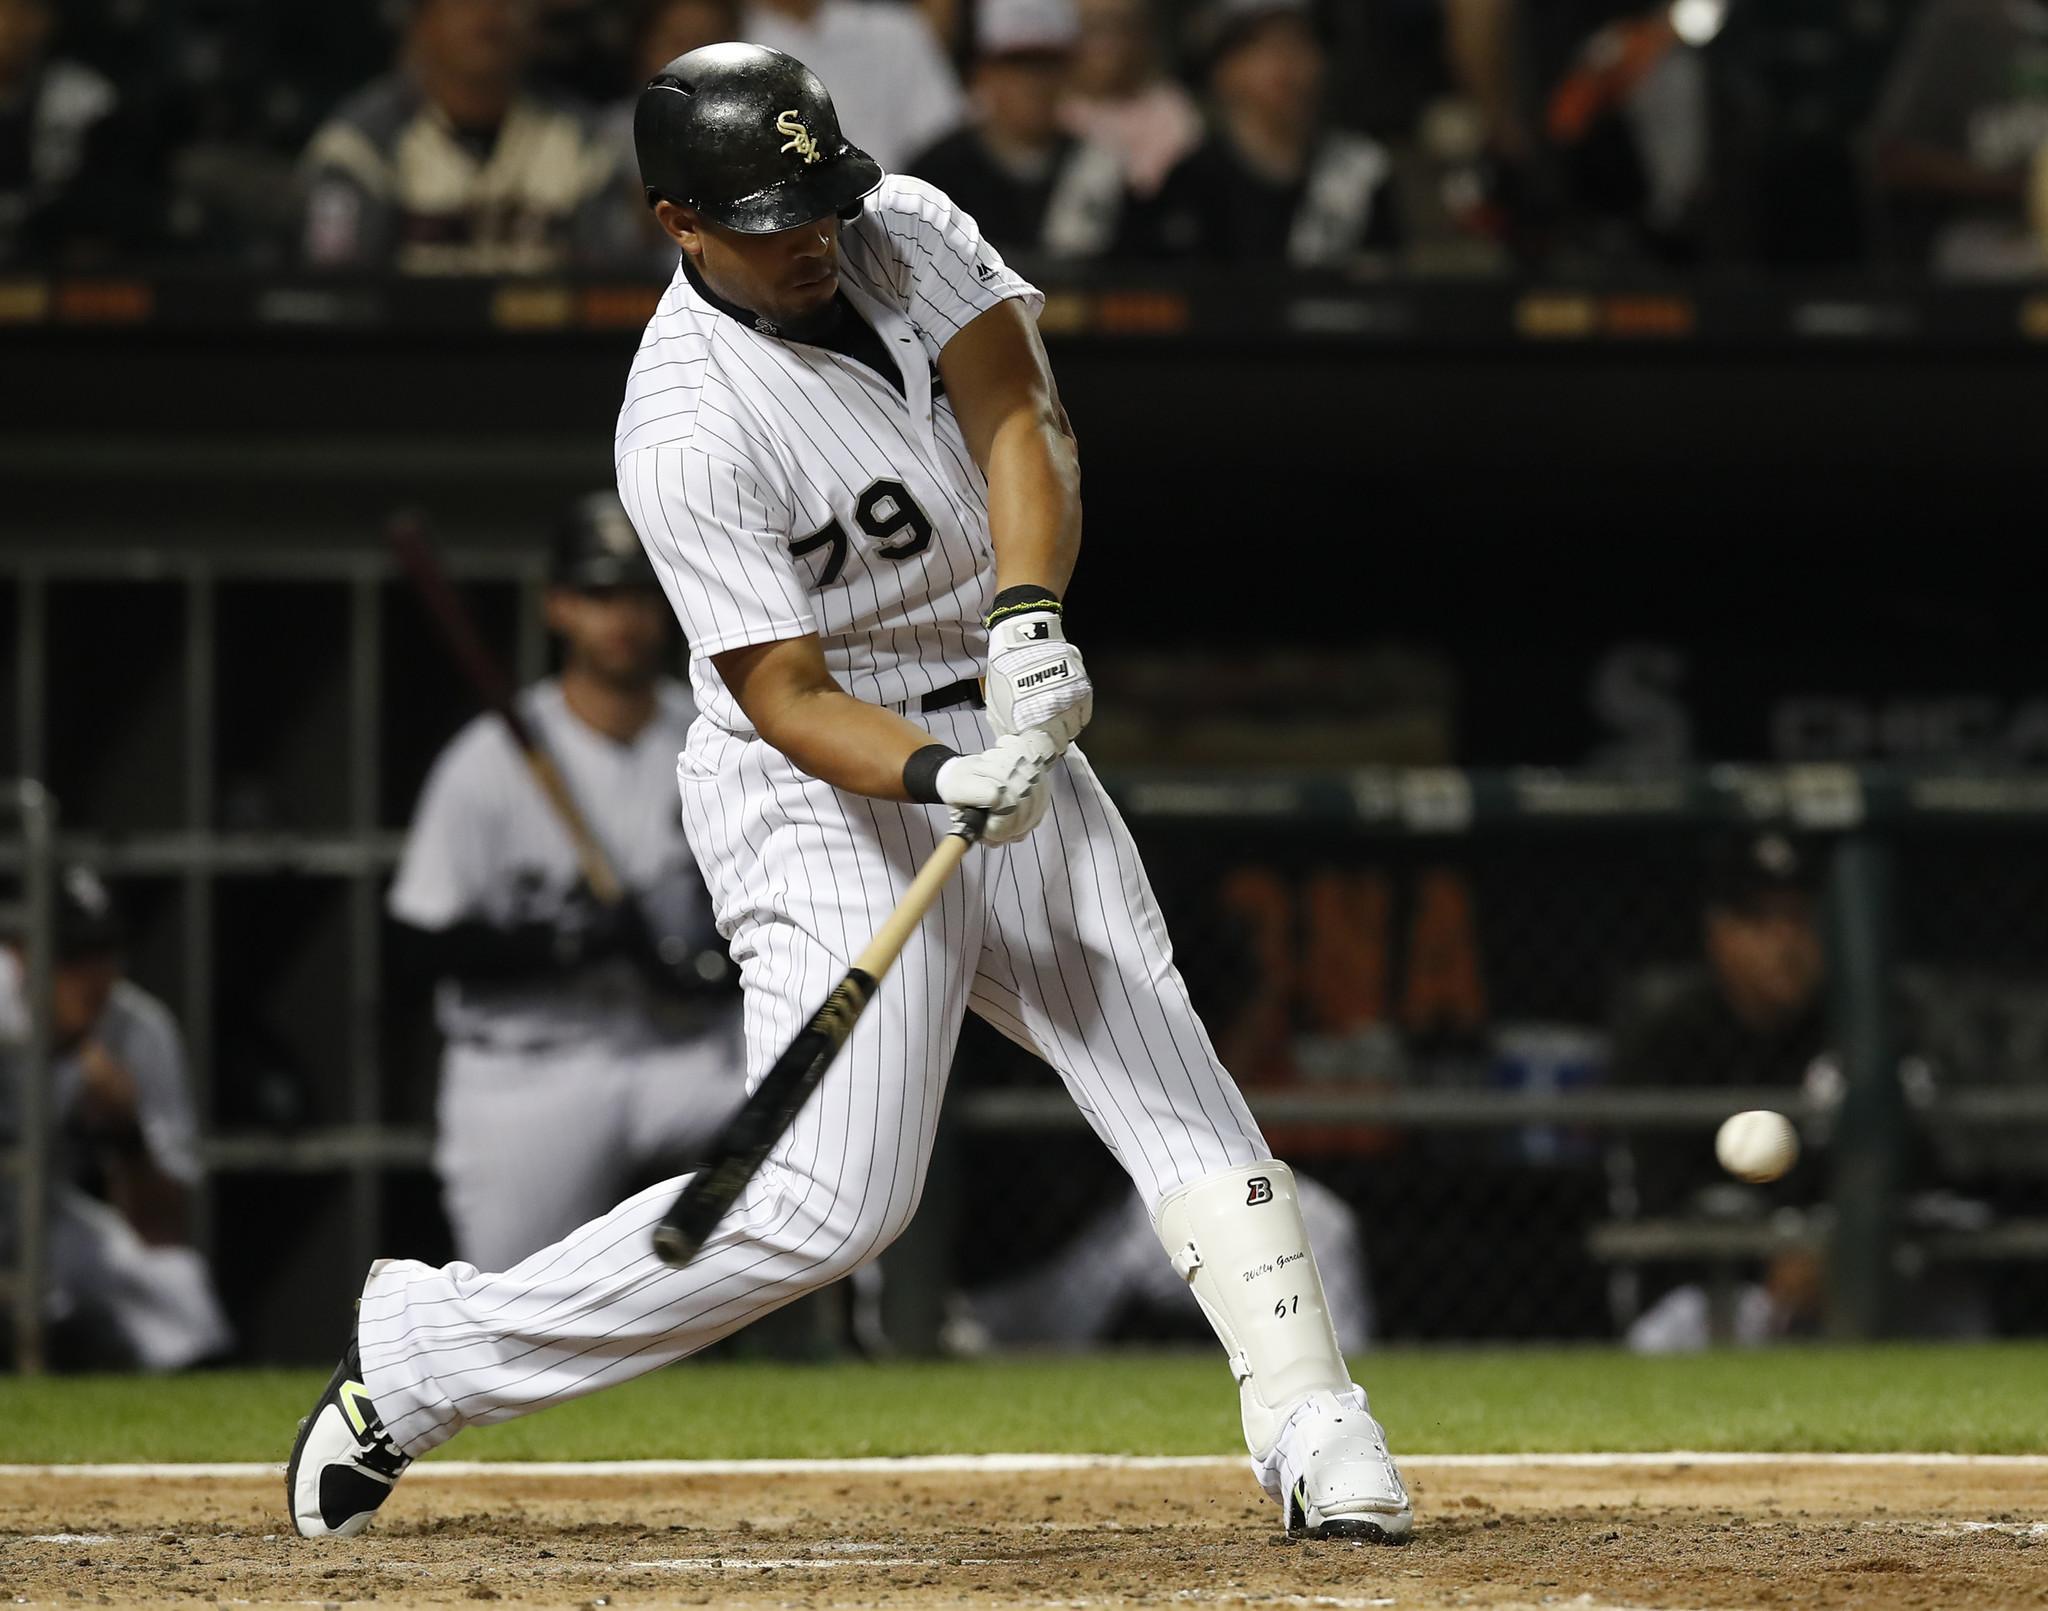 b7a2c2e8d Jose Abreu reaches rare milestone for White Sox in 8-2 loss to Royals -  Chicago Tribune